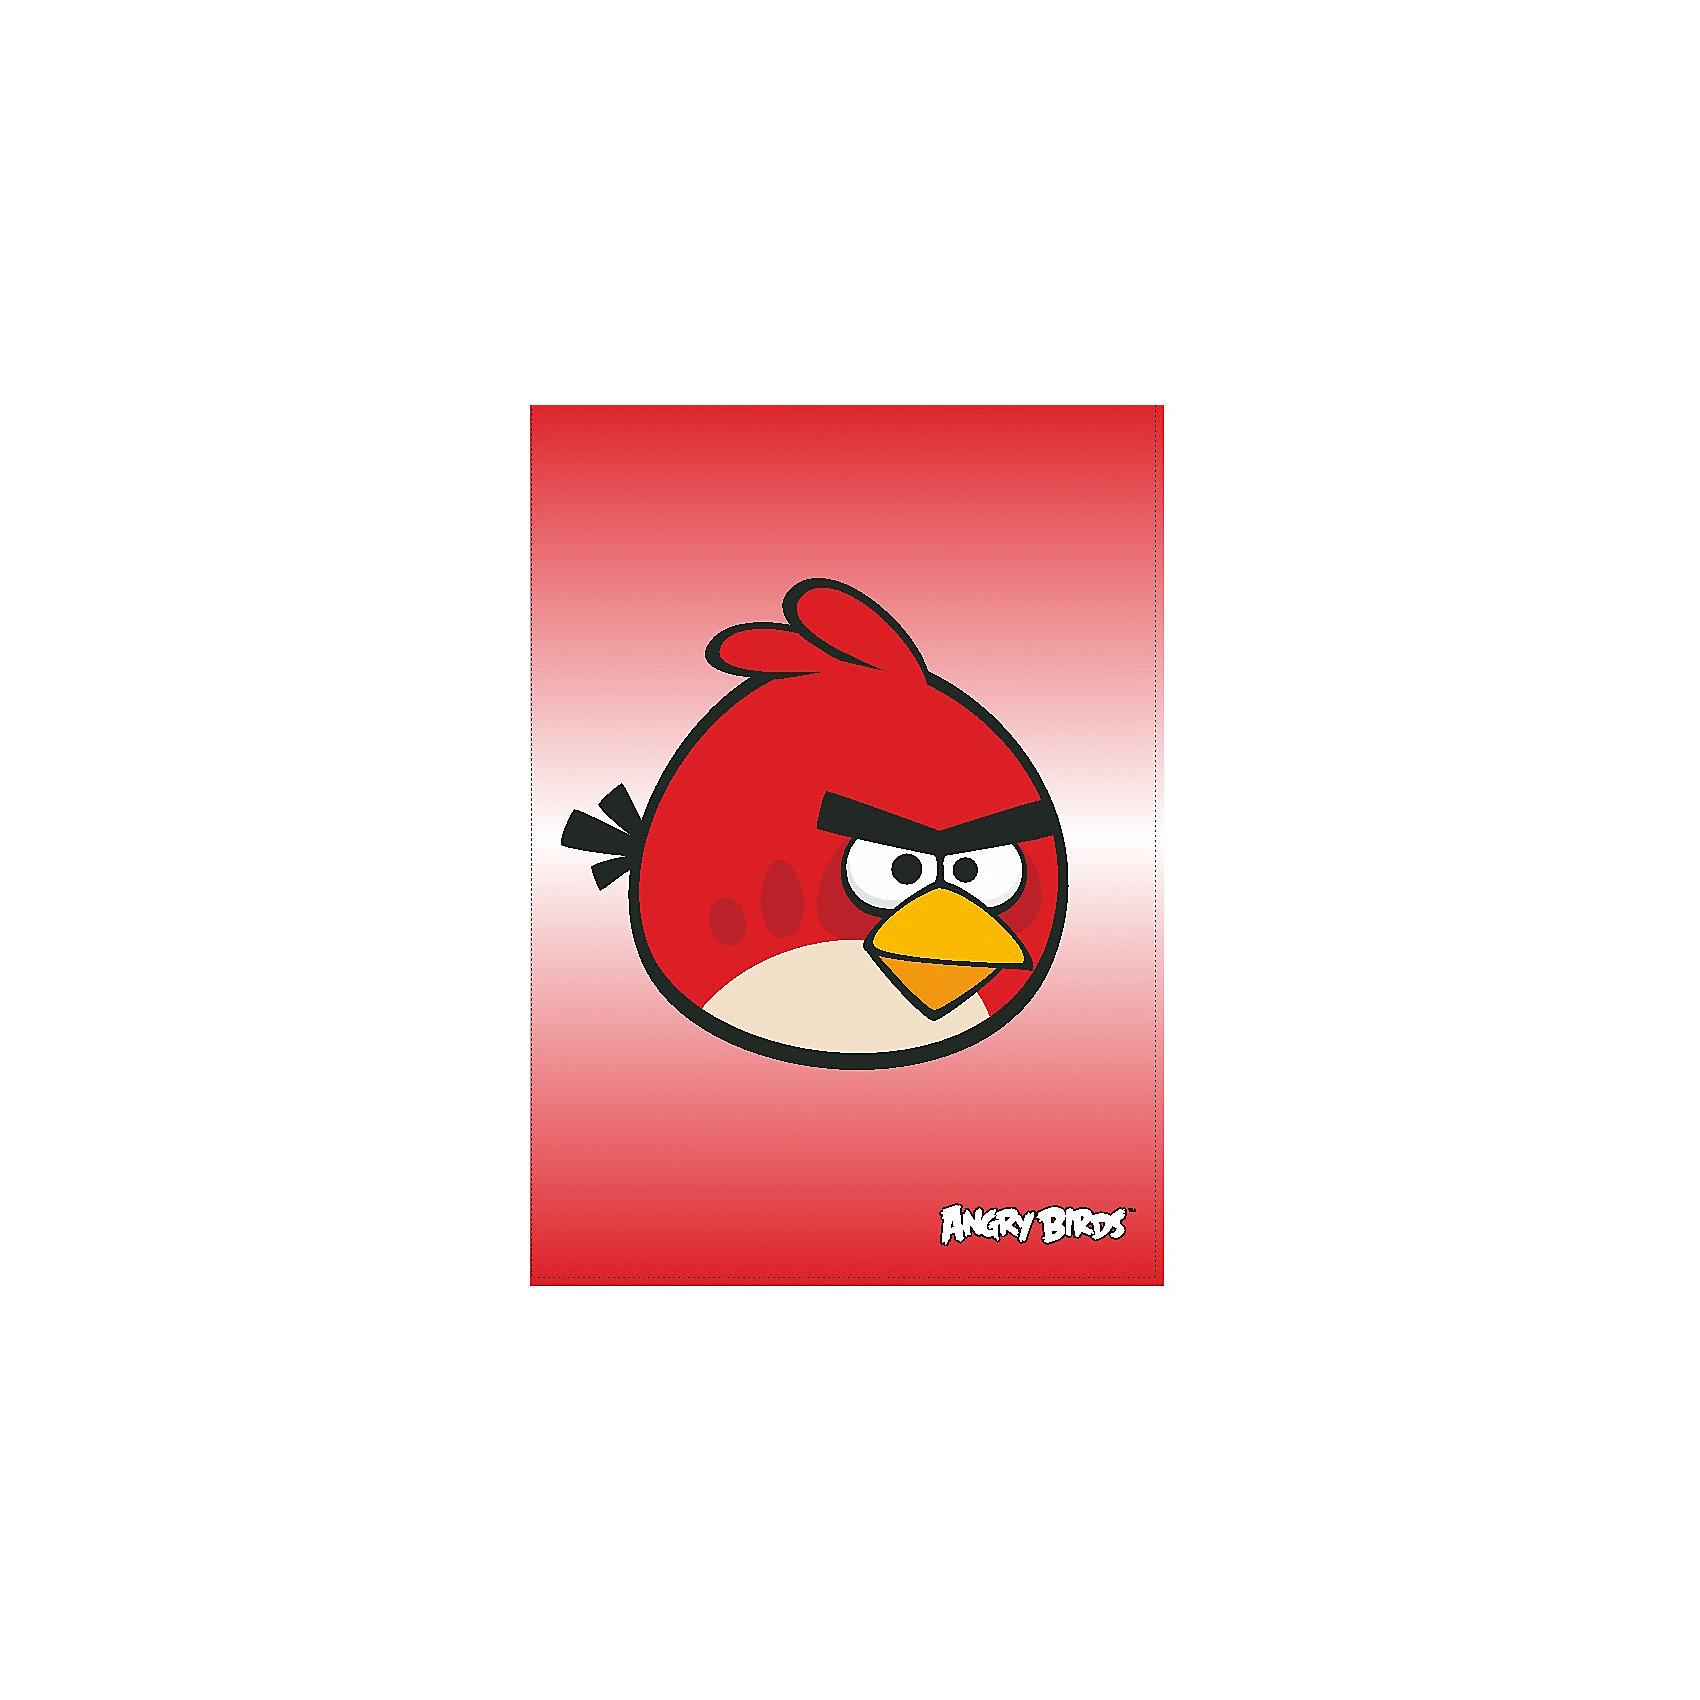 Папка формат А4, Angry birds, в ассортиментеПапка формат А4, Angry birds, в ассортименте – это прекрасный подарок для поклонников игры Аngry birds (Энгри Бердз).<br>Папка на кольцах Angry Birds предназначена для хранения и транспортировки бумаг или документов формата А4. Папка изготовлена из плотного пластика и оформлена изображением персонажа всеми любимой игры Angry Birds. Кольцевой механизм выполнен из высококачественного металла.<br><br>Дополнительная информация:<br><br>- Формат: А4<br>- Материал: пластик 0,60 мм, металл<br>- Размер: 31х22,5х2 см.<br>- ВНИМАНИЕ! Данный артикул представлен в разных вариантах исполнения. К сожалению, заранее выбрать определенный вариант невозможно. При заказе нескольких папок возможно получение одинаковых<br><br>Папку формат А4, Angry birds, в ассортименте можно купить в нашем интернет-магазине.<br><br>Ширина мм: 15<br>Глубина мм: 225<br>Высота мм: 310<br>Вес г: 1815<br>Возраст от месяцев: 36<br>Возраст до месяцев: 120<br>Пол: Унисекс<br>Возраст: Детский<br>SKU: 4535529